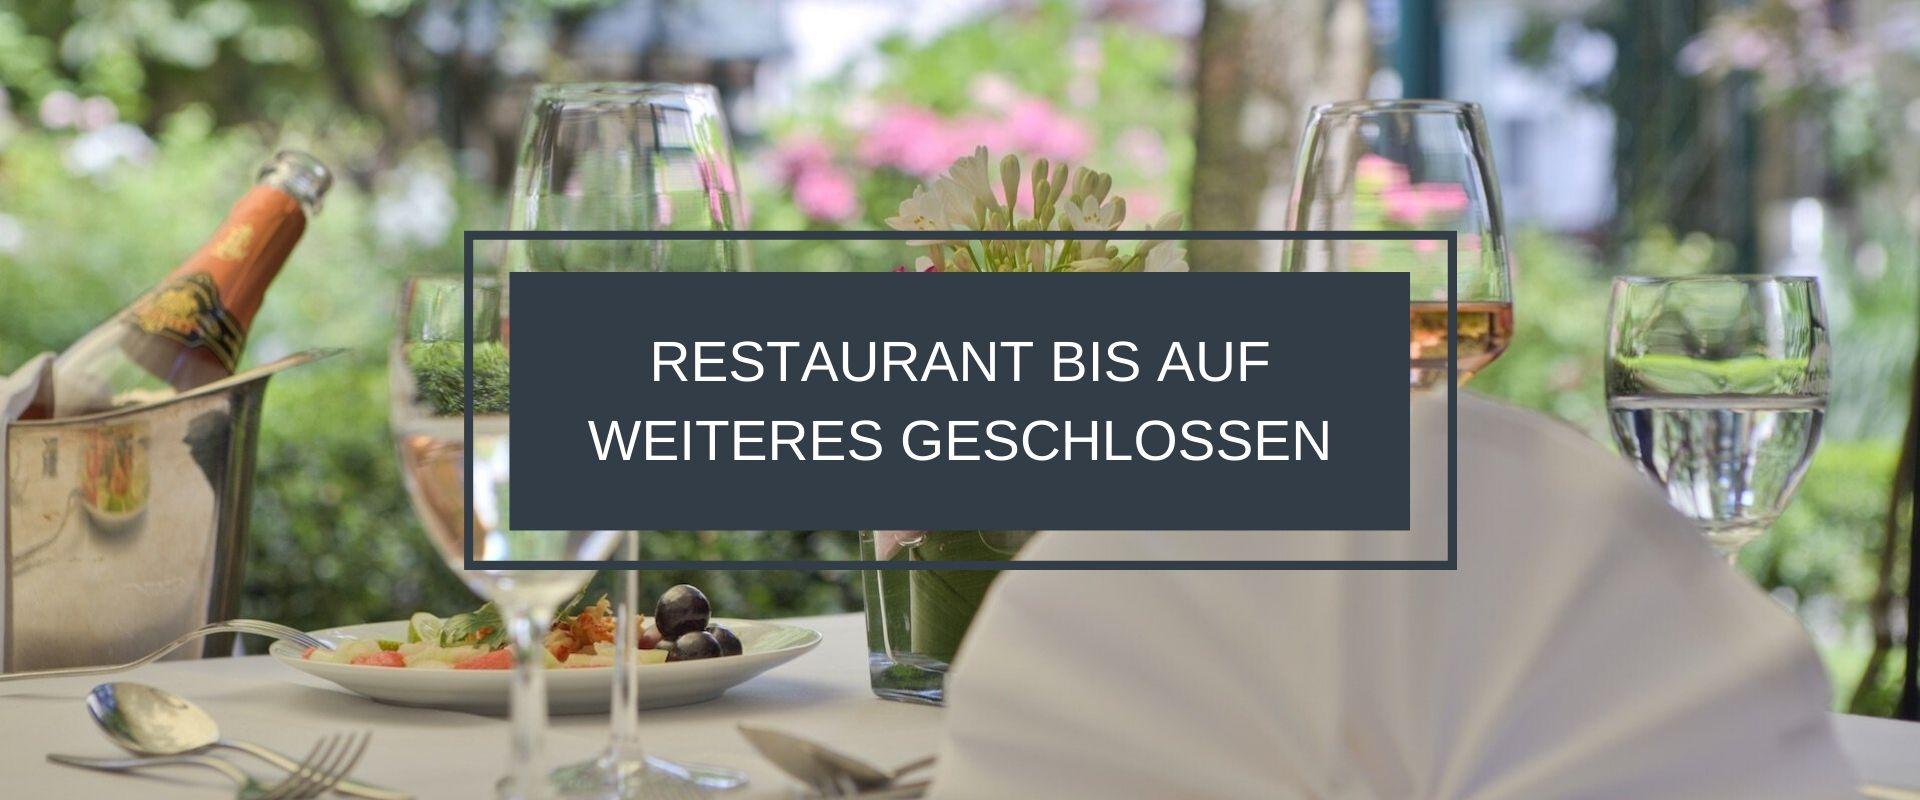 Restaurant geschlossen Maximilian Munich Apartment Hotel München